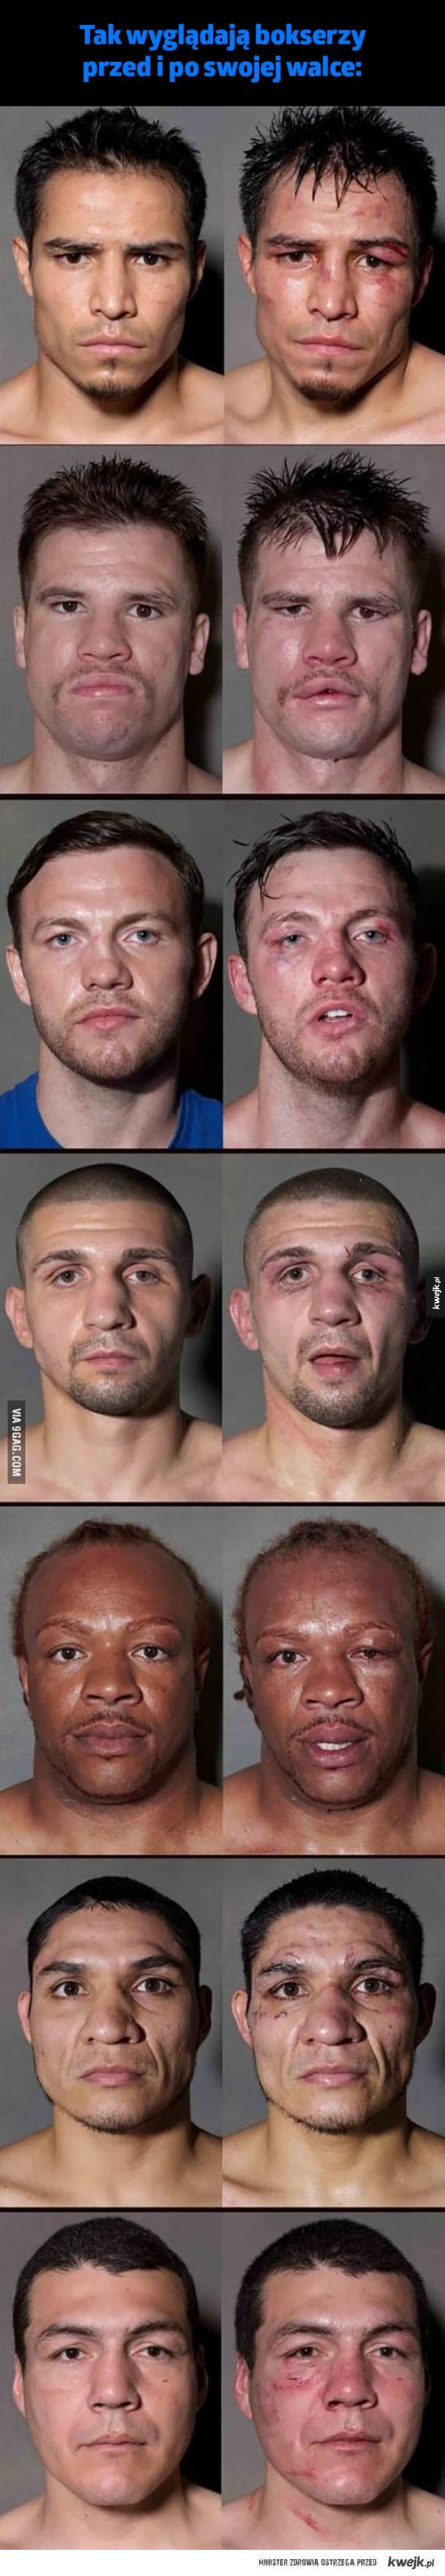 Bokserzy przed i po walce